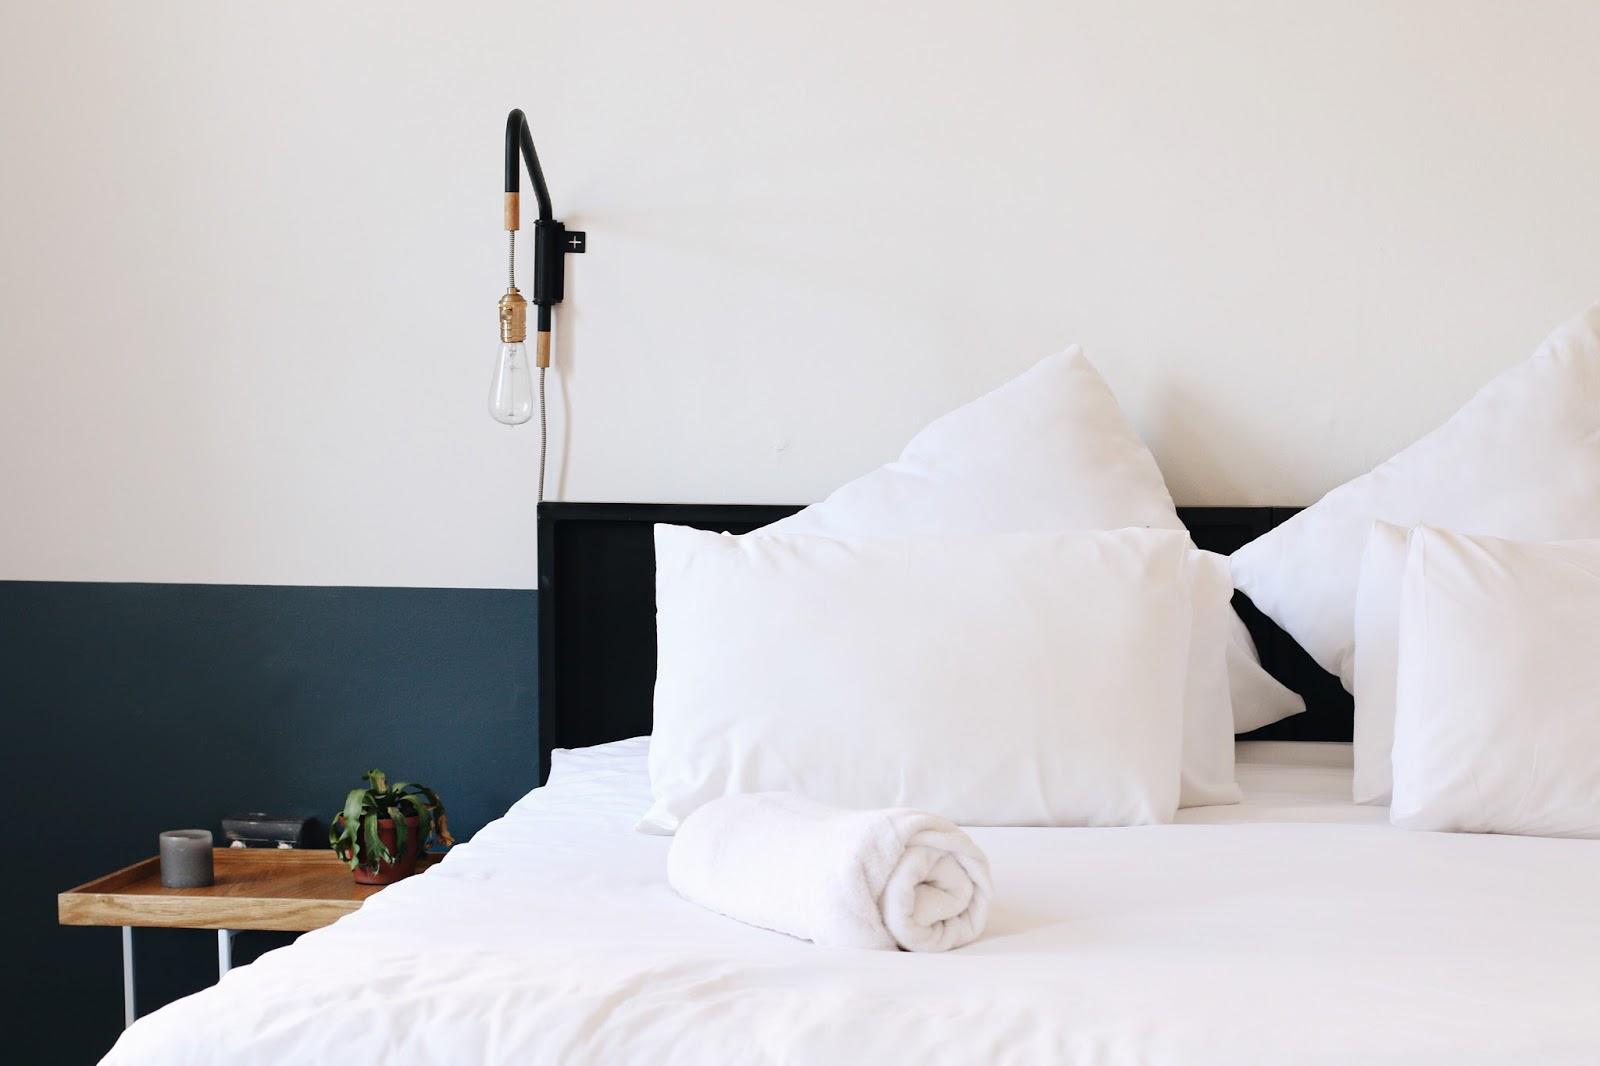 curiocity durban review, cheap hostel in durban johannesburg